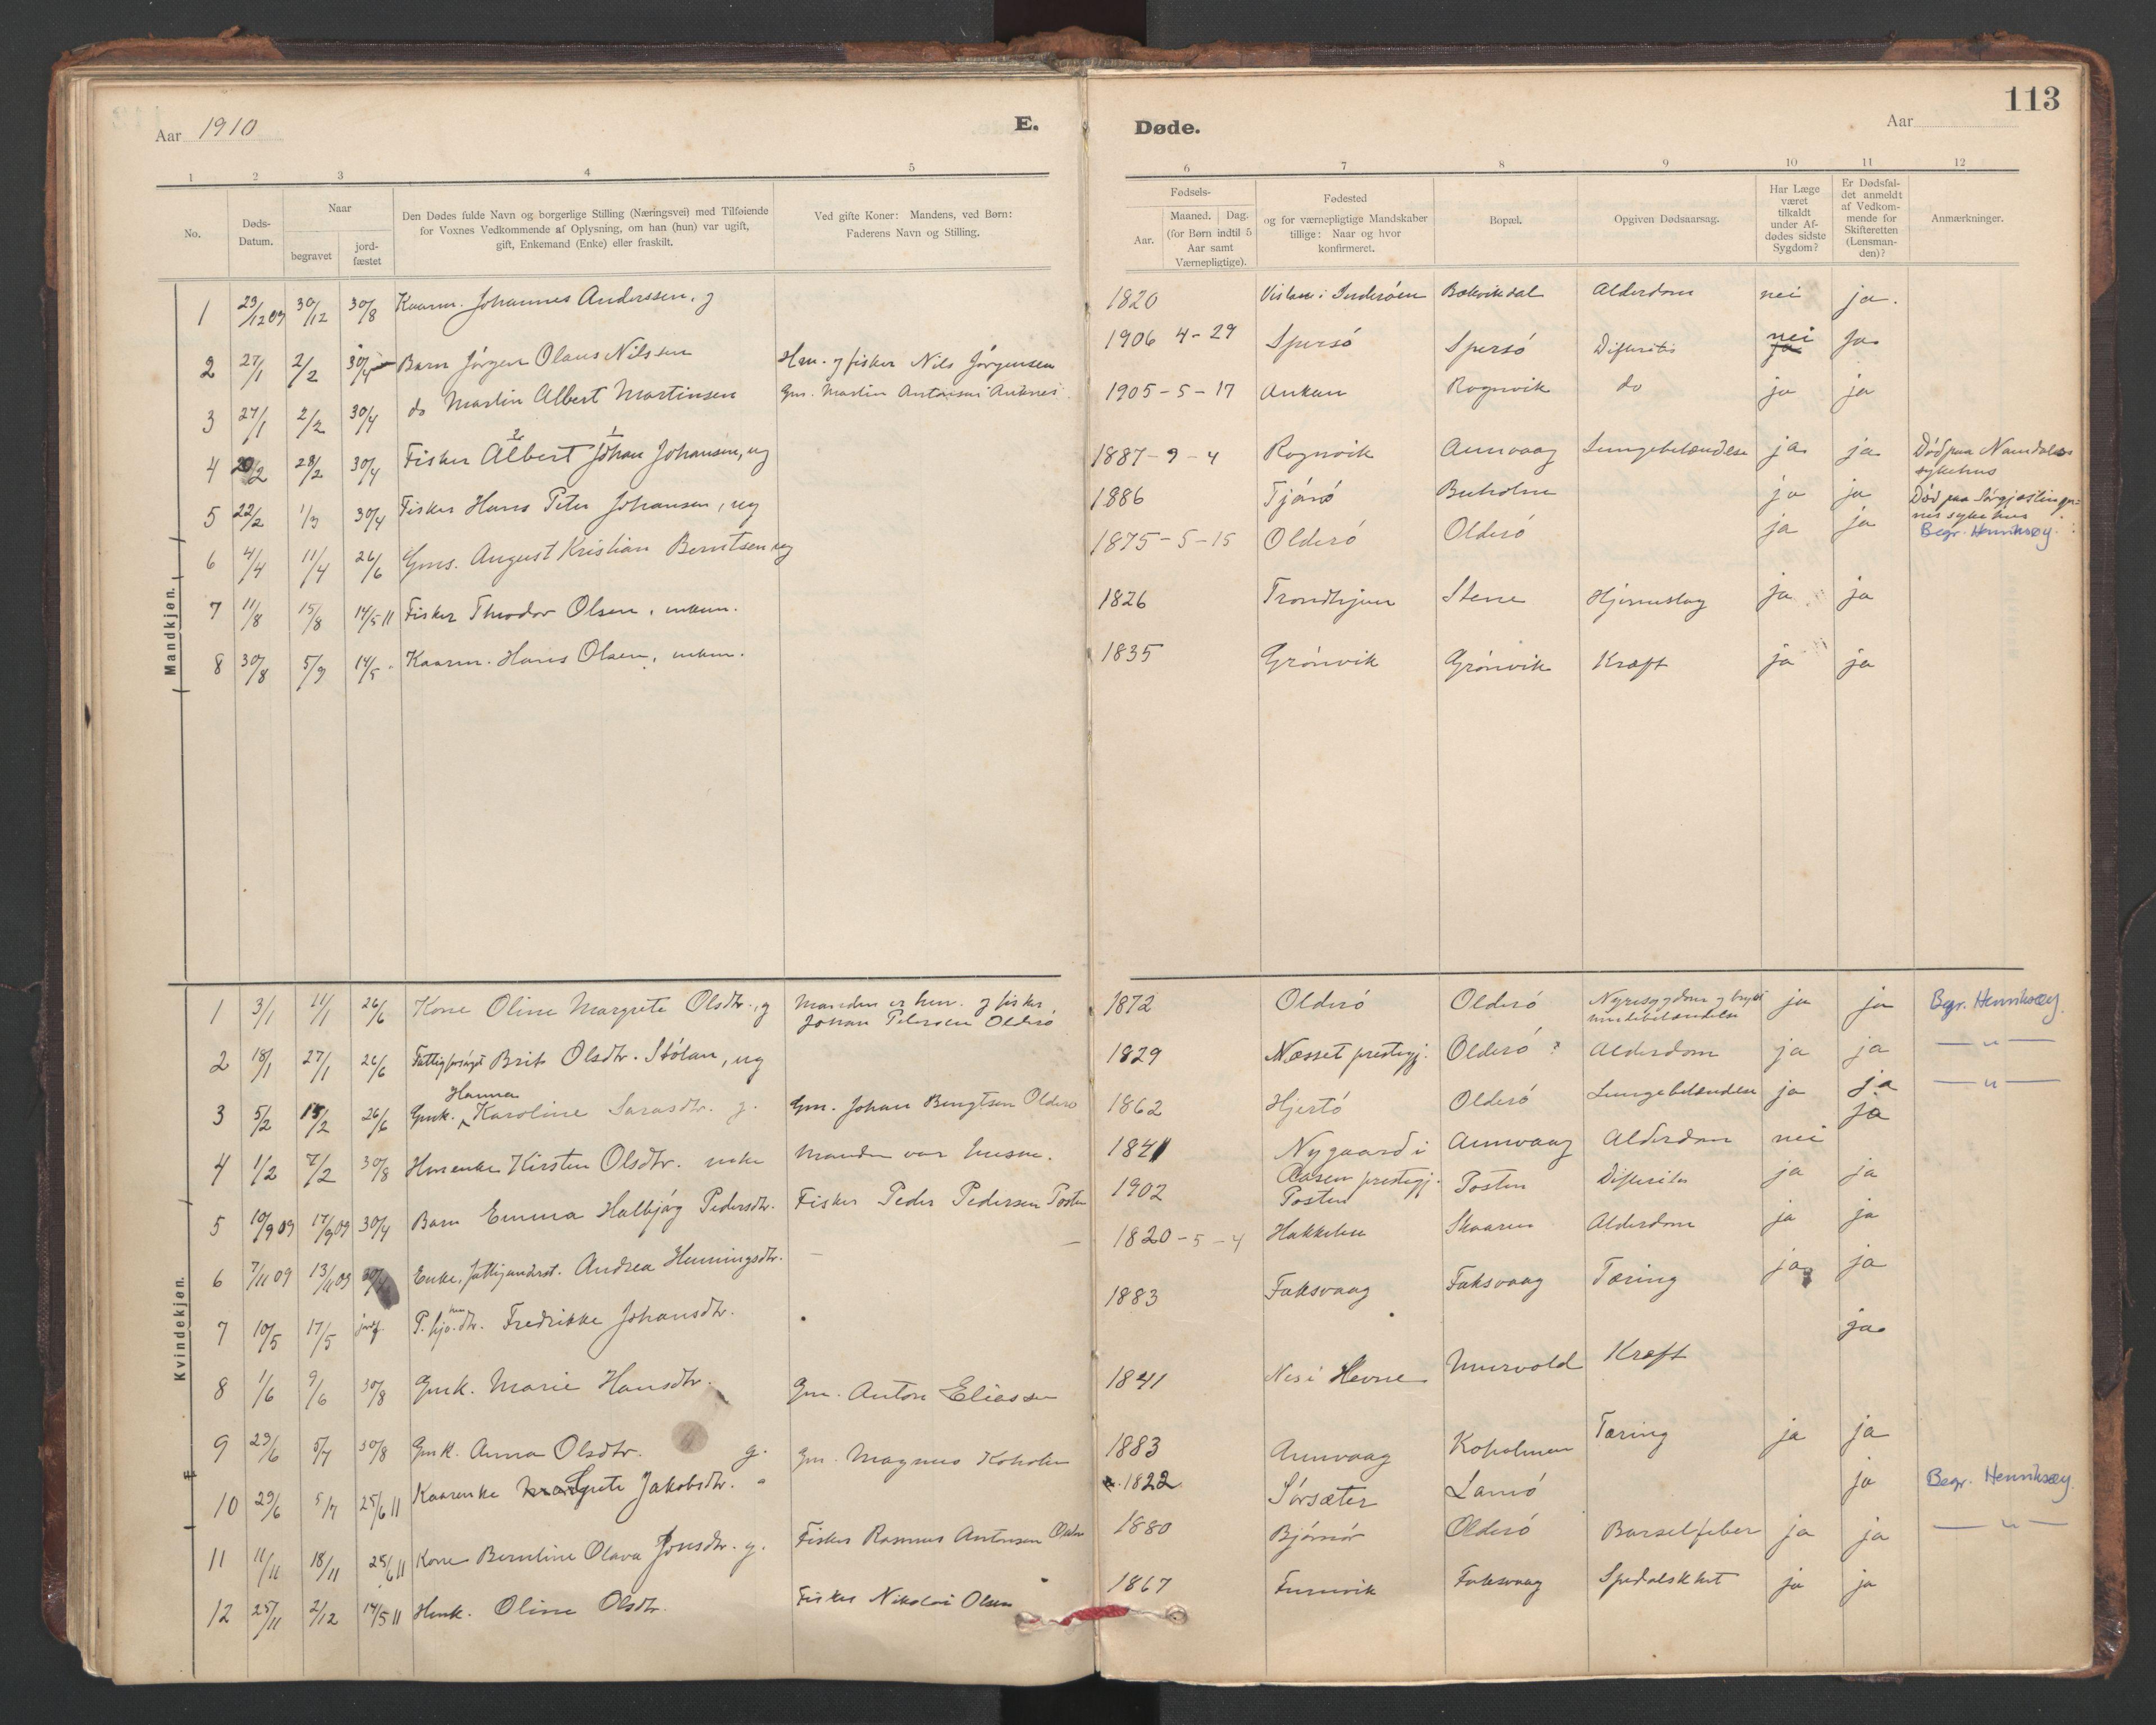 SAT, Ministerialprotokoller, klokkerbøker og fødselsregistre - Sør-Trøndelag, 635/L0552: Ministerialbok nr. 635A02, 1899-1919, s. 113